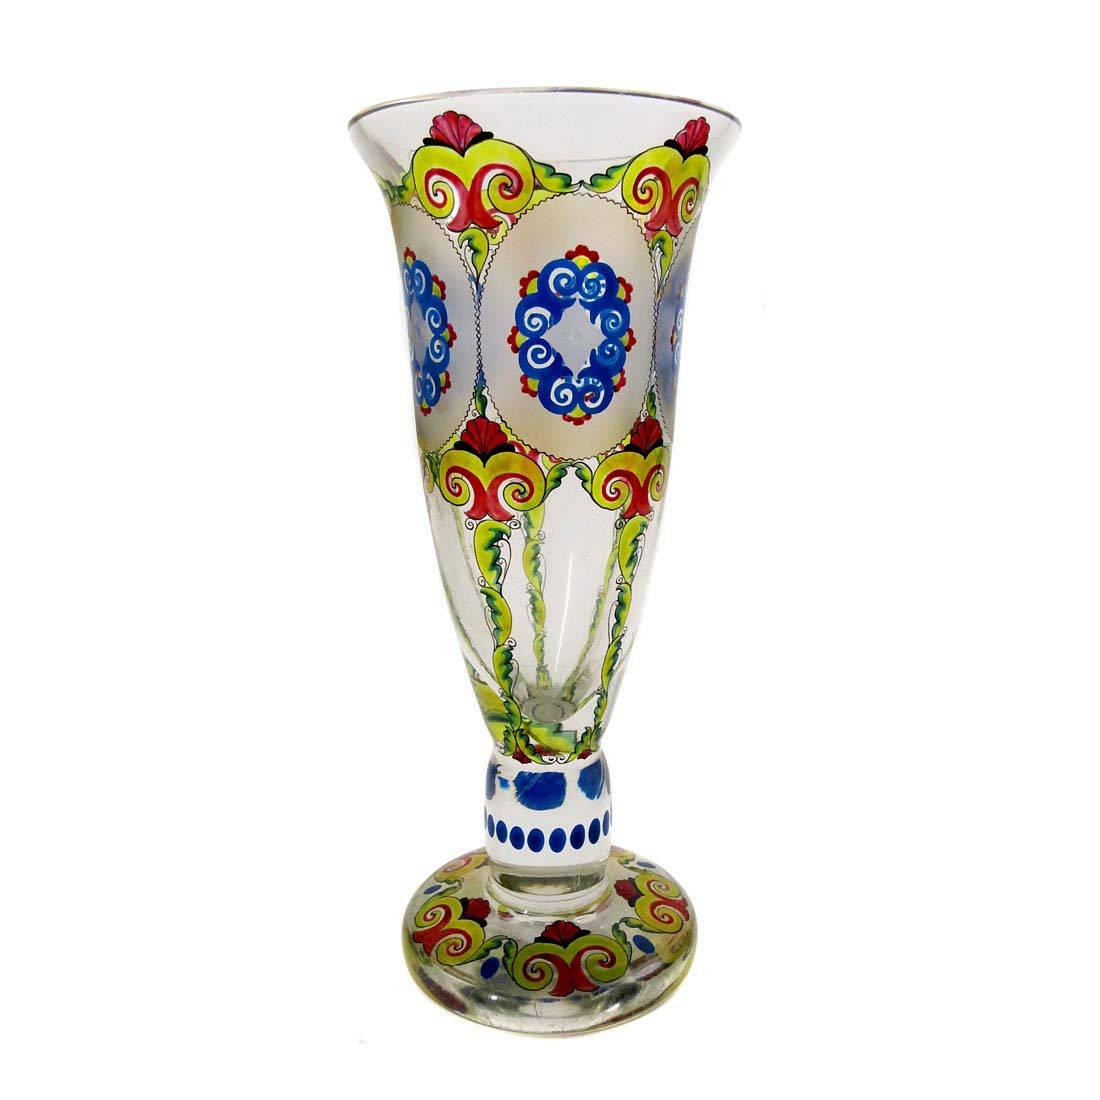 Vase-mit-Transparentmalerei-Fachschule-Haida-Vertrieb-Oertel-um-1915-20